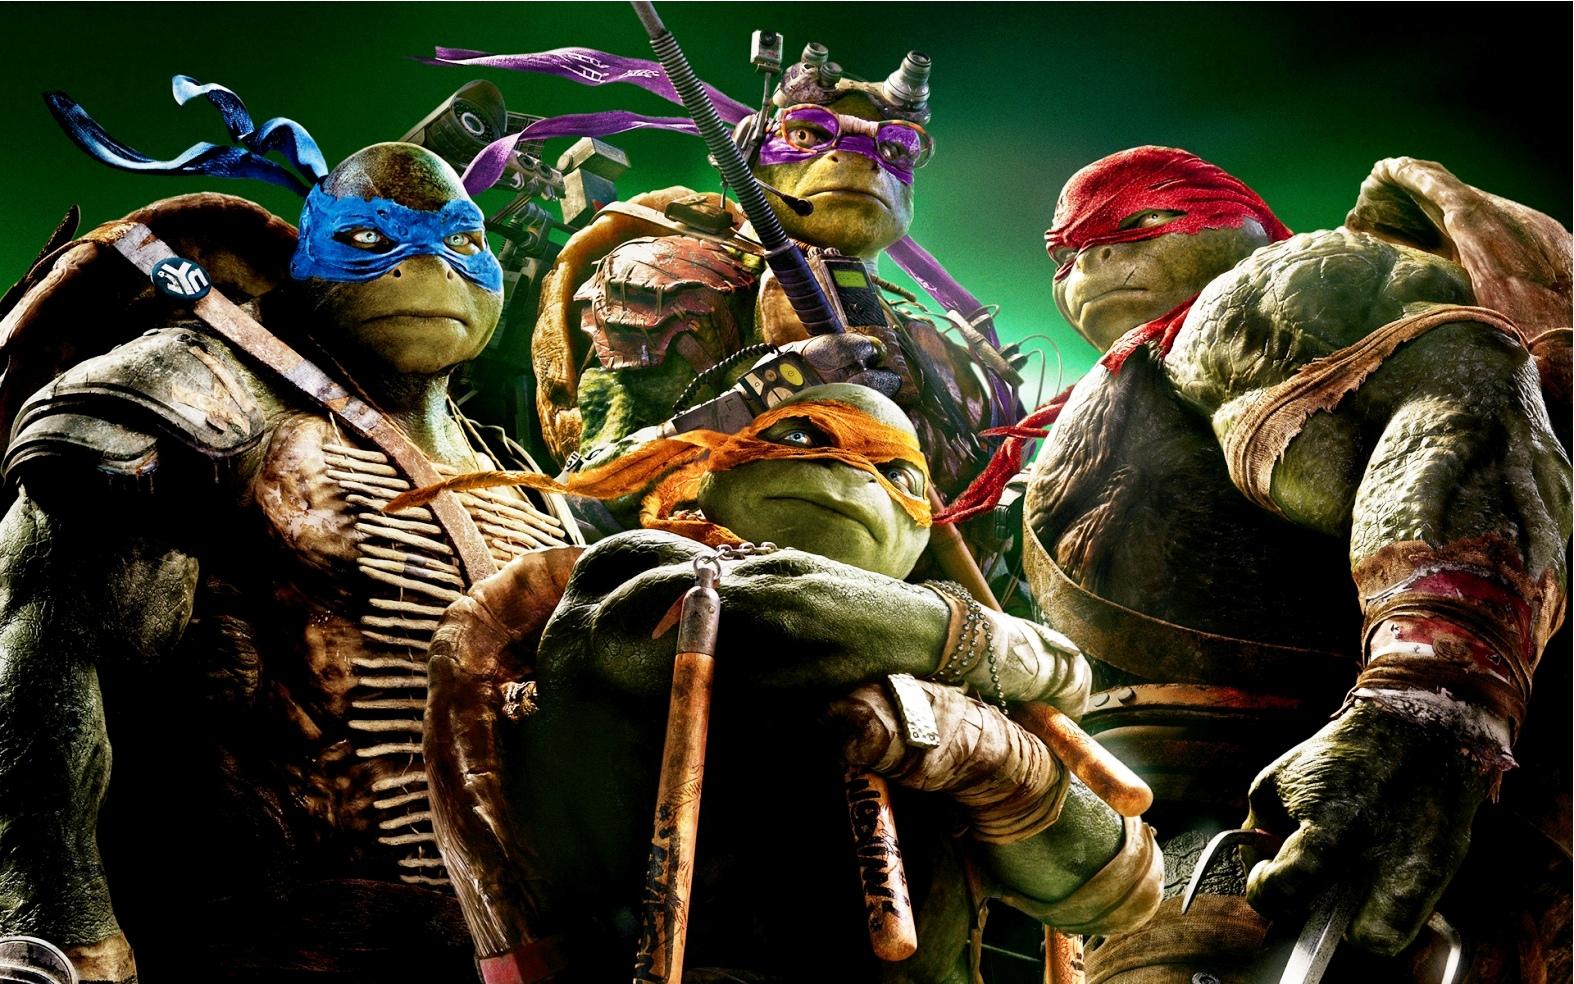 Most Viewed Teenage Mutant Ninja Turtles 2014 Wallpapers 4k Wallpapers